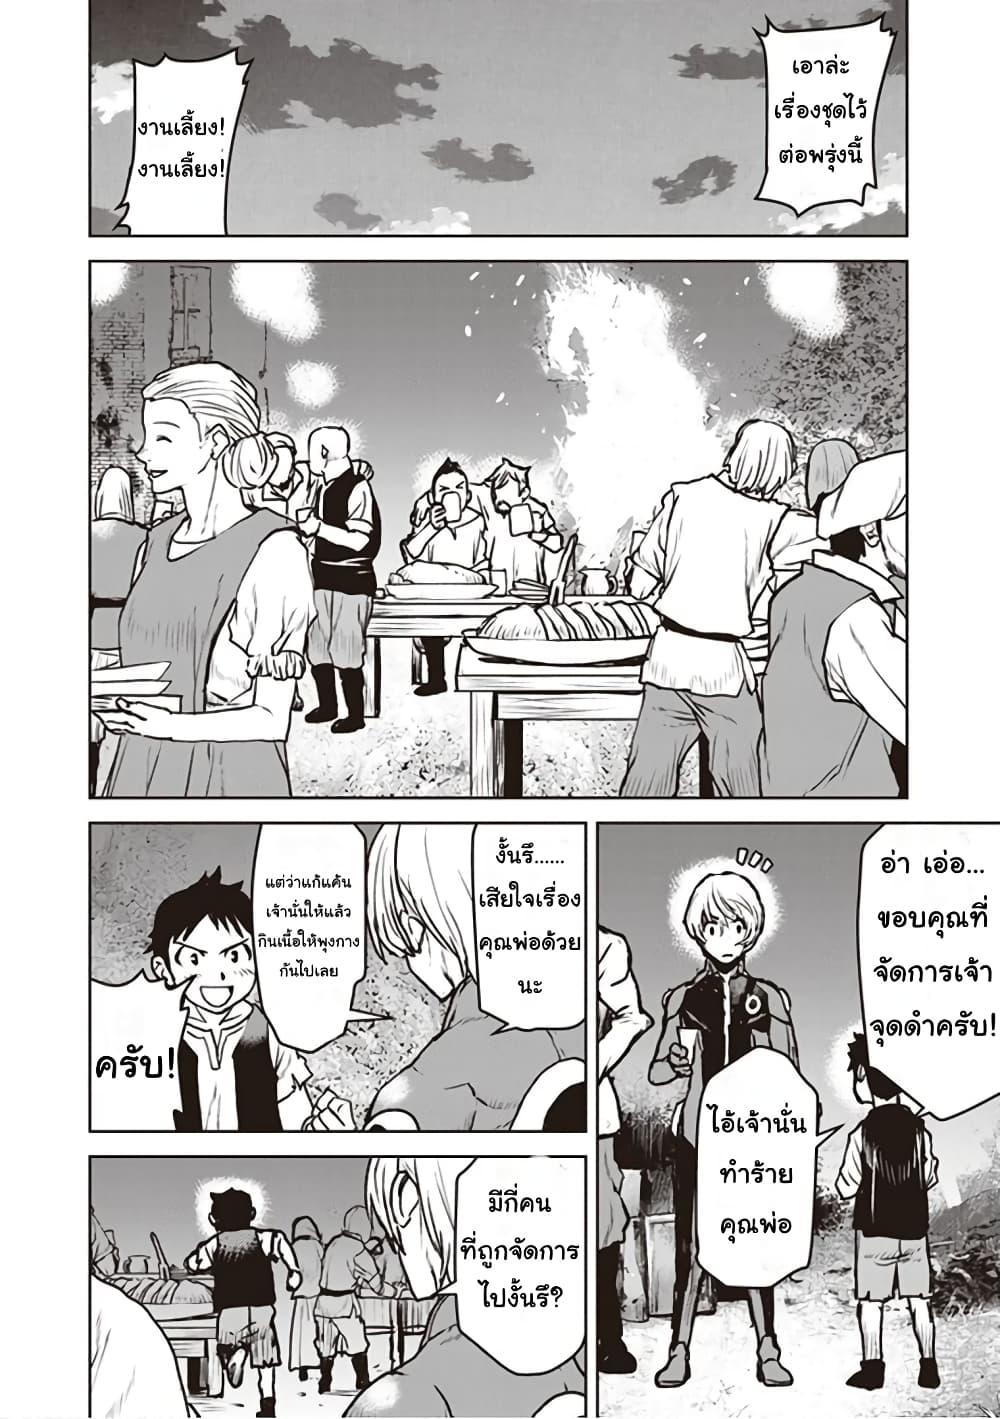 อ่านการ์ตูน The Galactic Navy Officer Becomes an Adventurer ตอนที่ 8 หน้าที่ 6